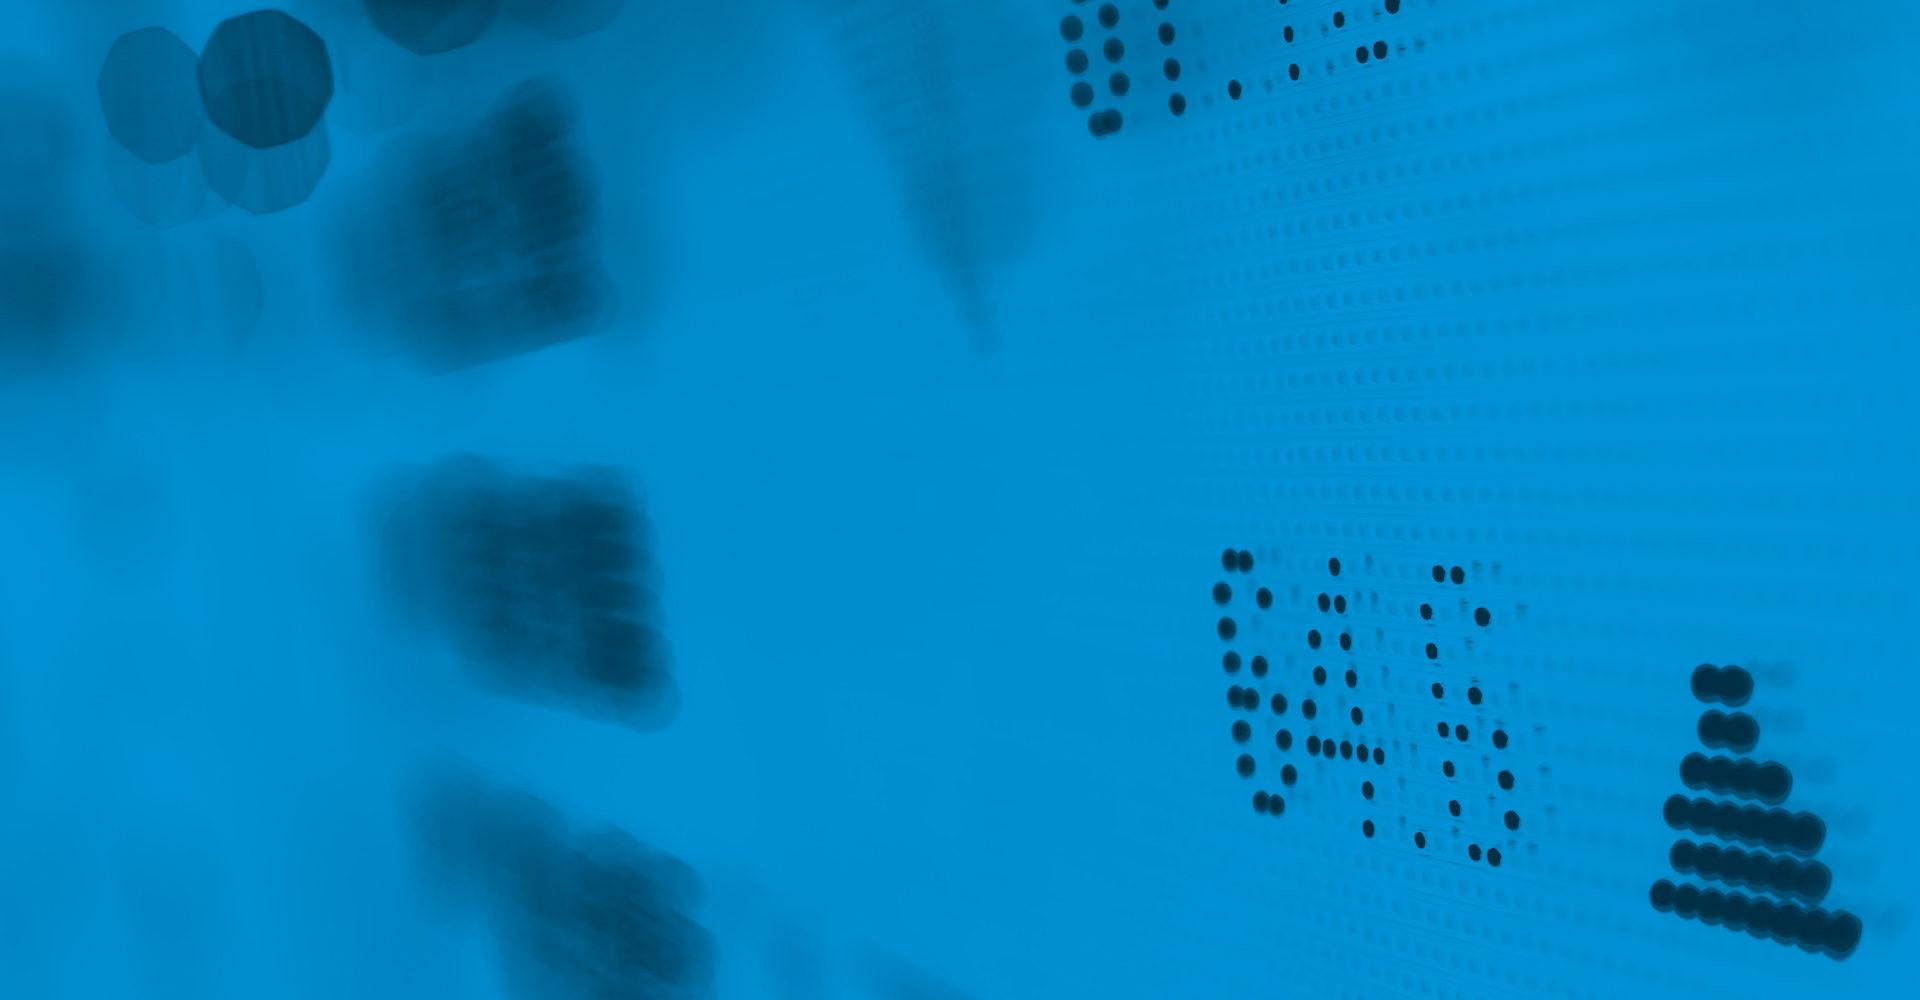 Ejemplos de Big Data